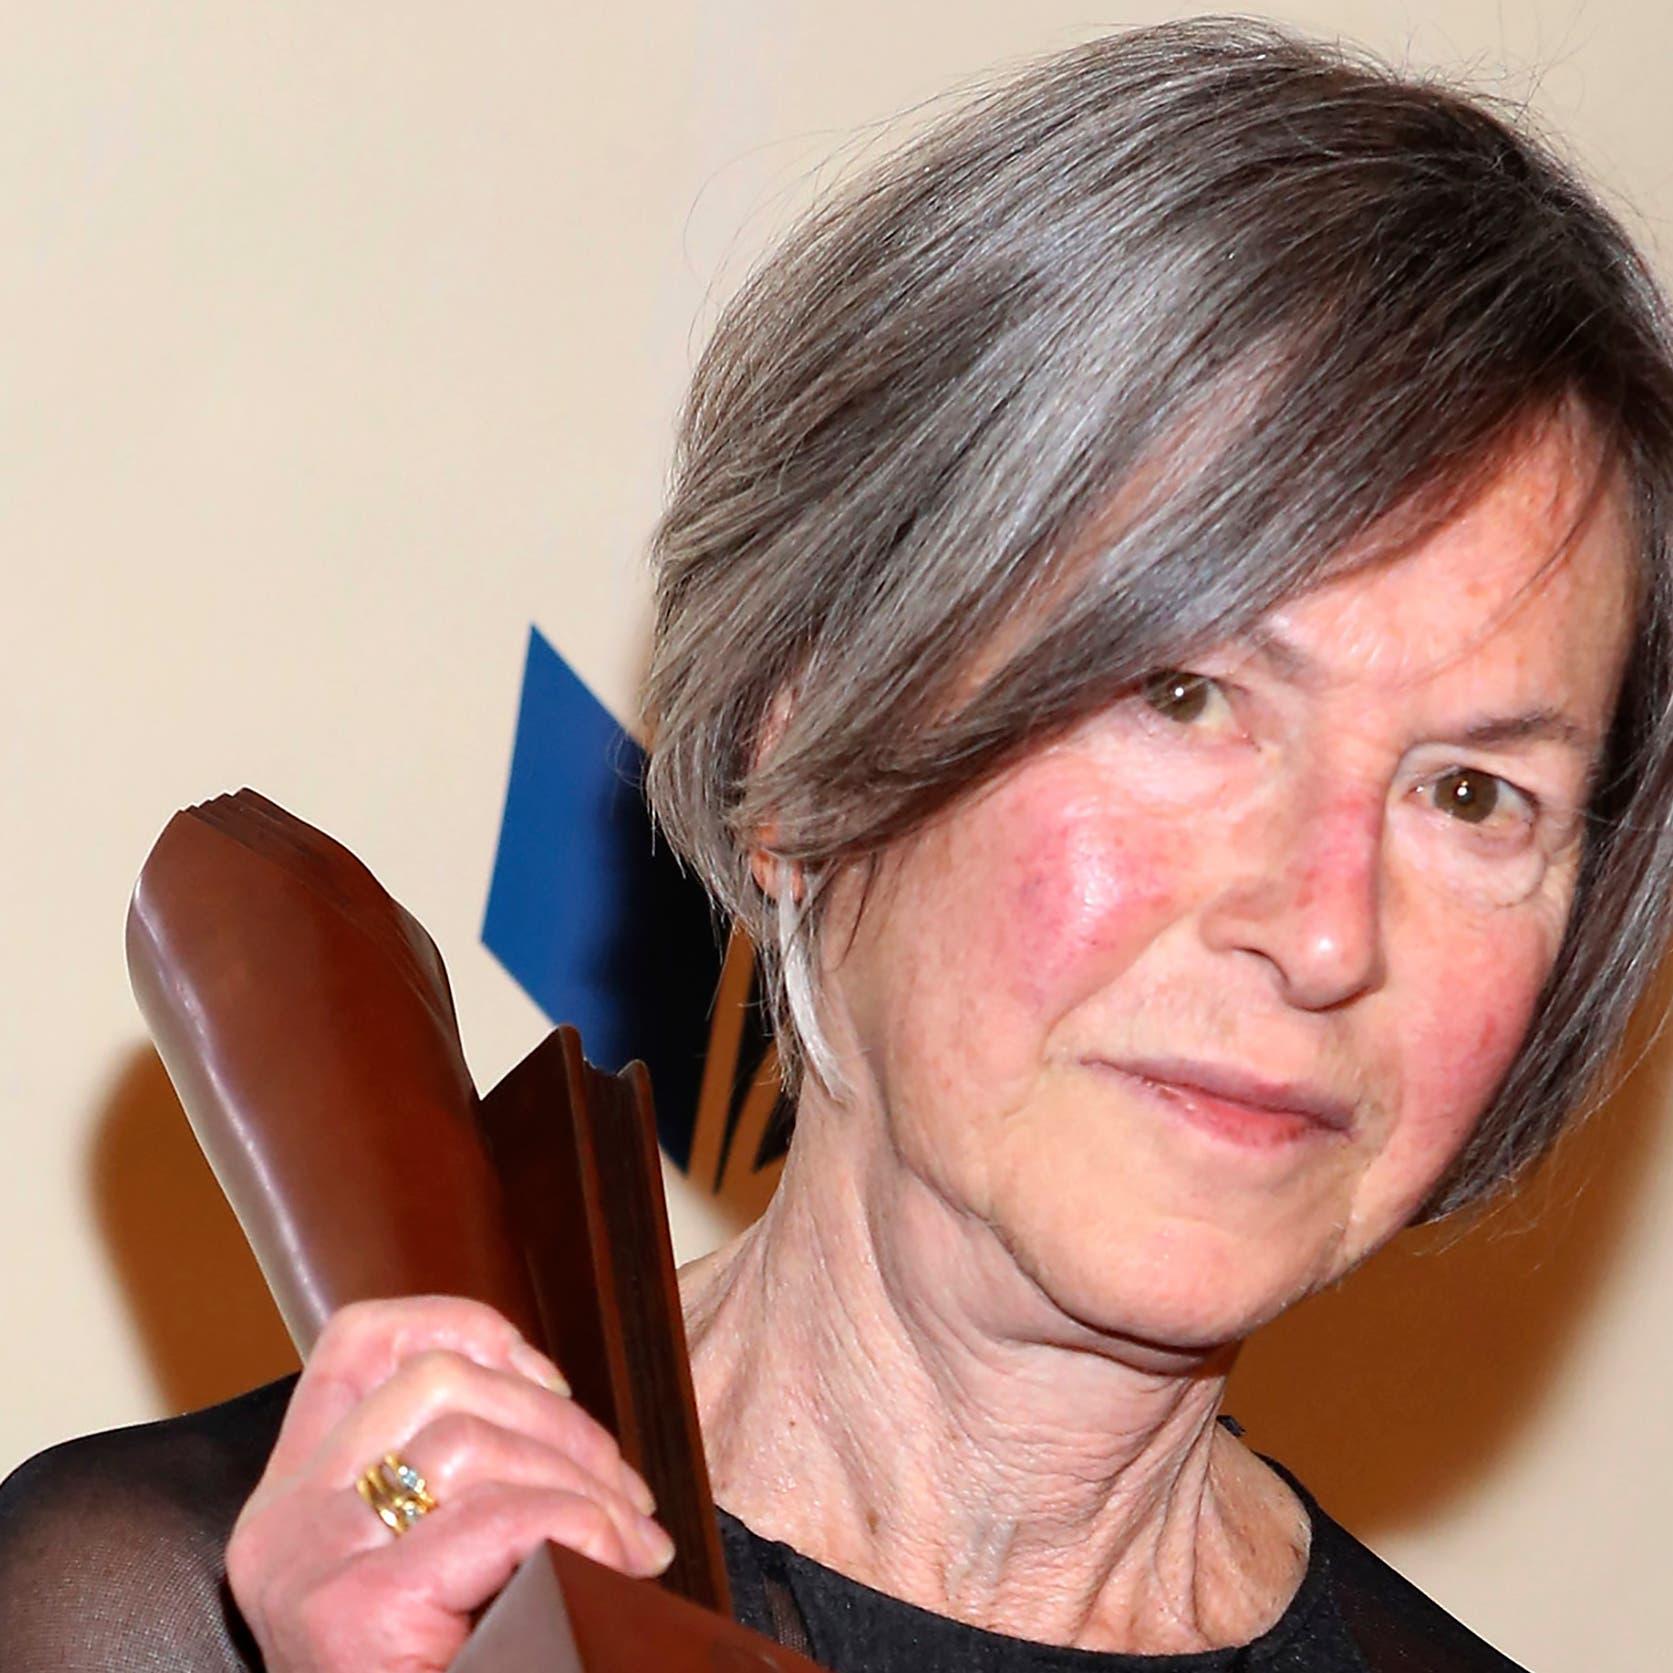 فوز الشاعرة الأميركية لويز غلوك بجائزة نوبل للآداب